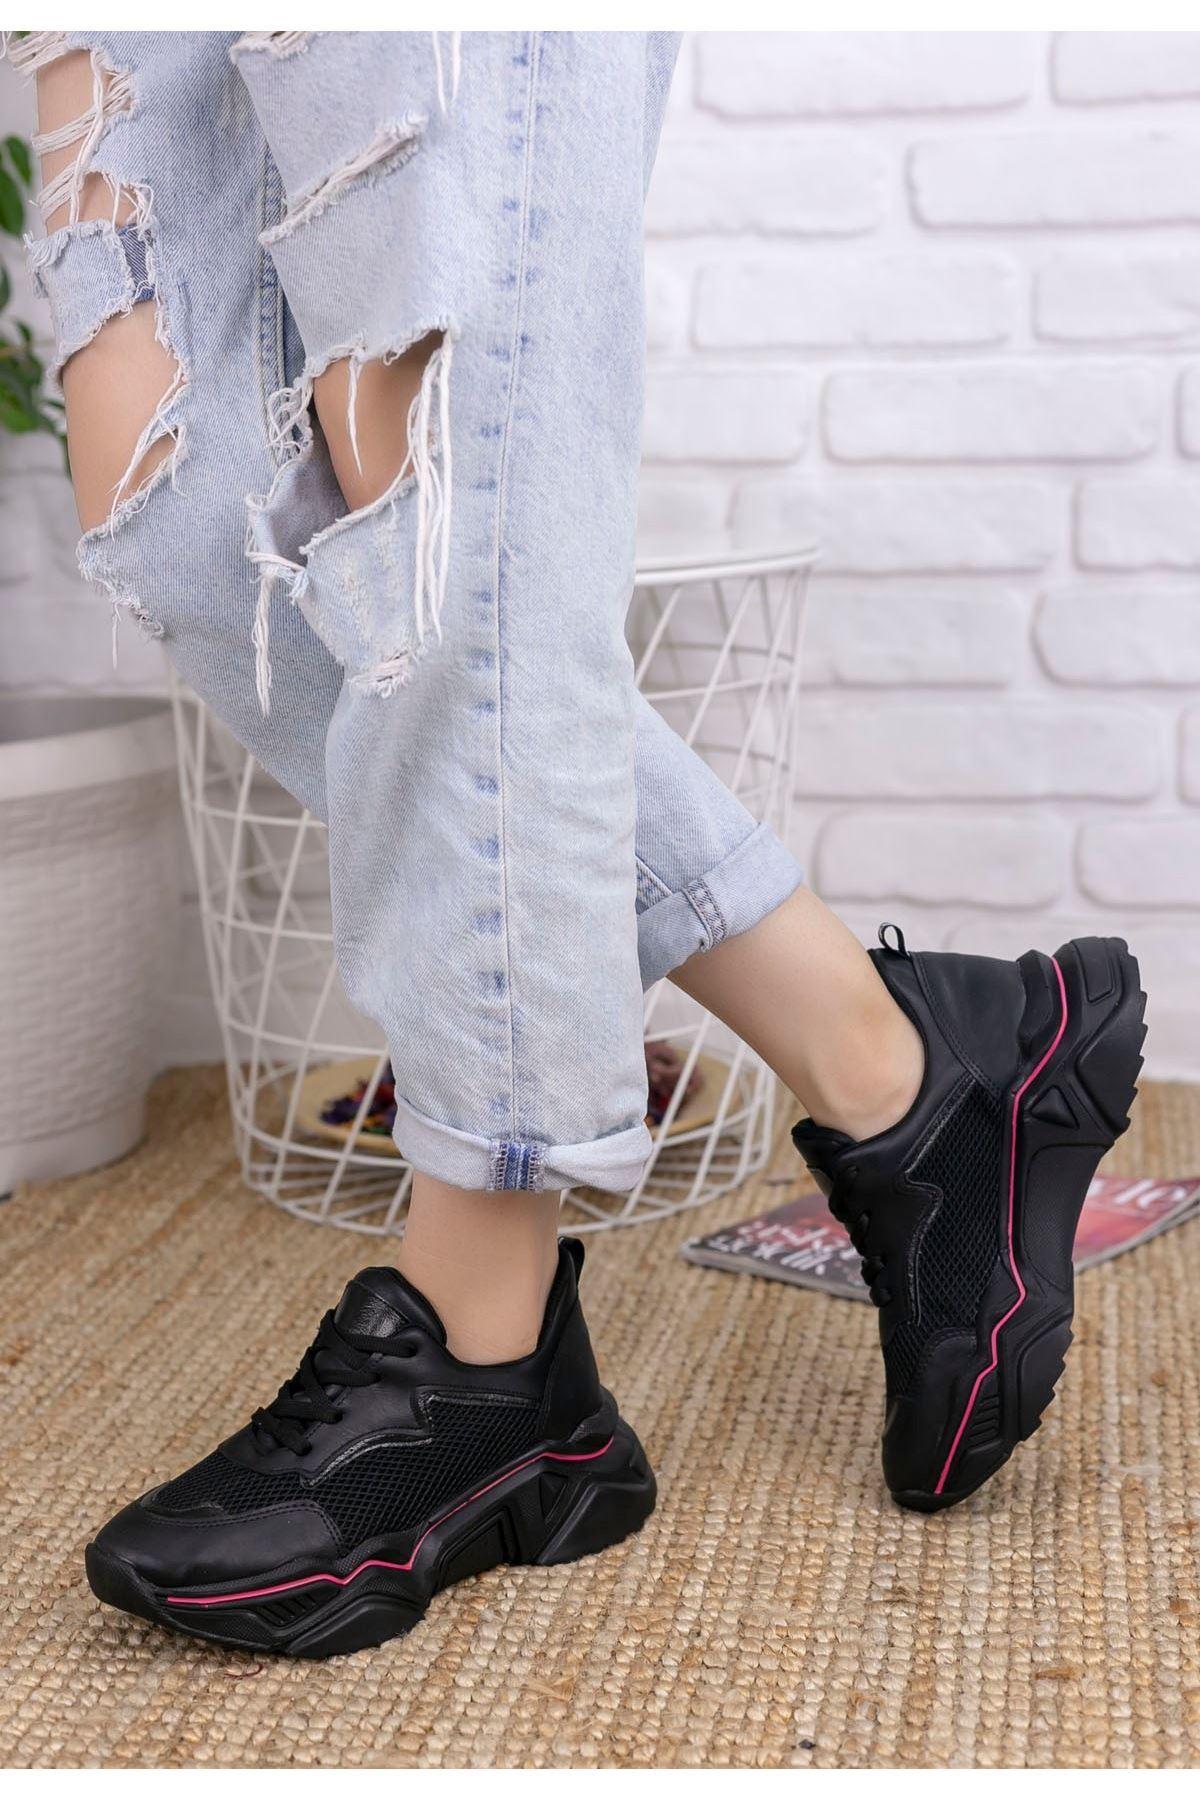 Vira  Siyah Cilt Fileli Kırmızı Çizgili Spor Ayakkabı